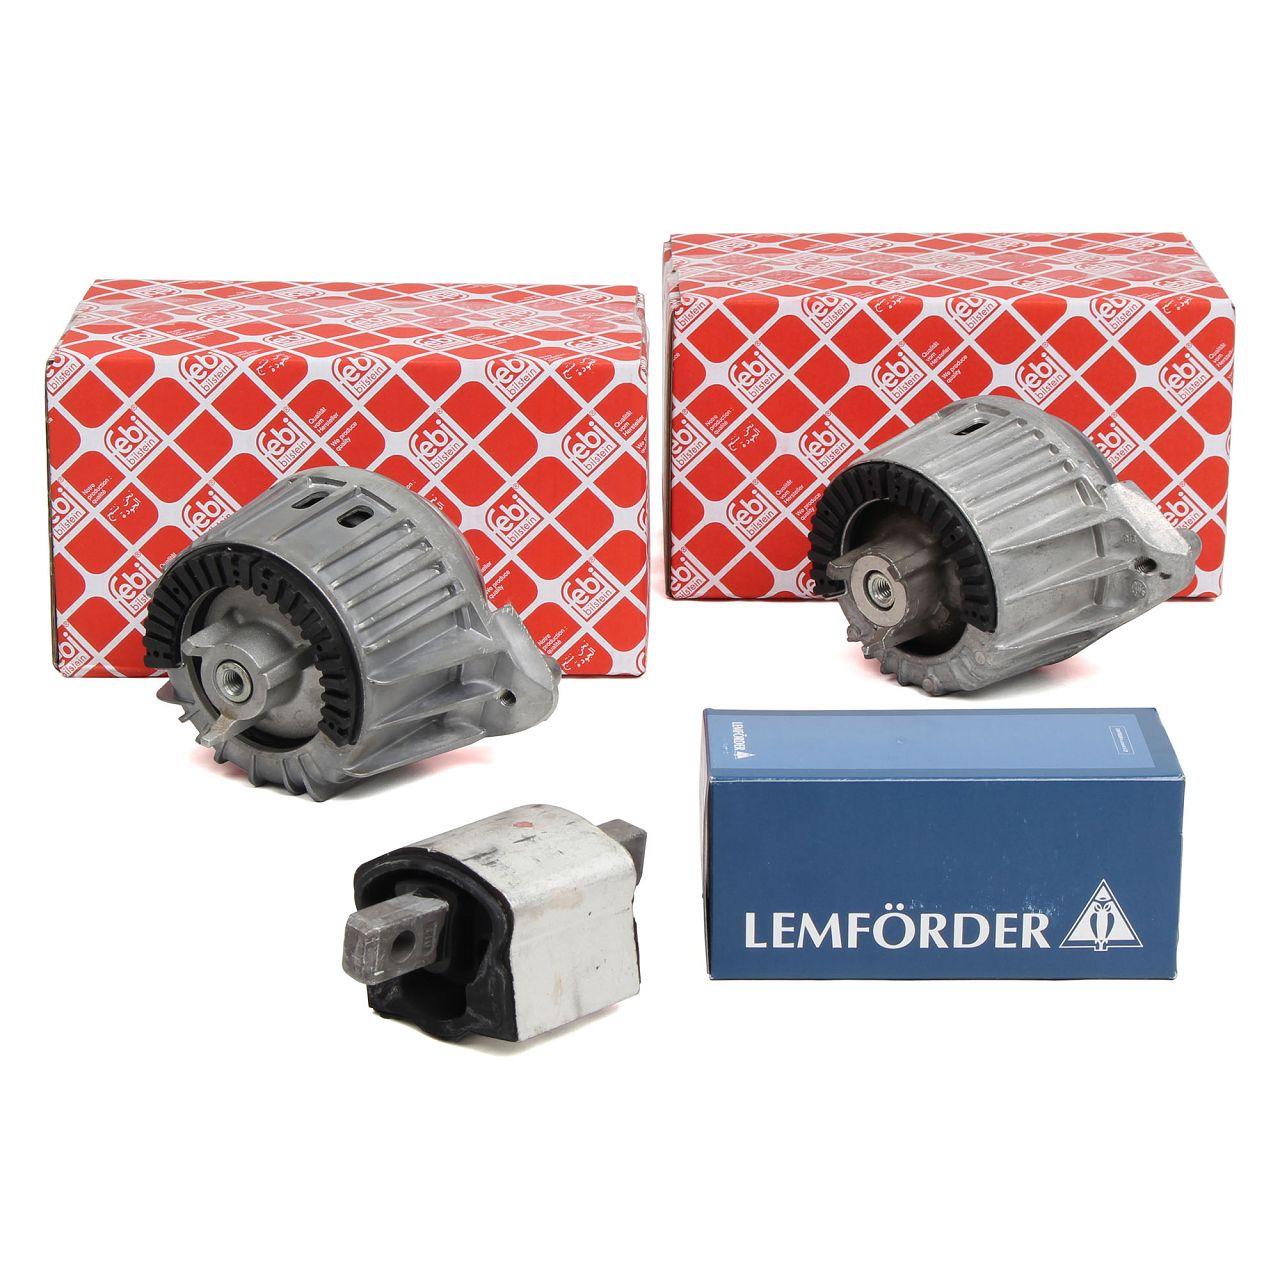 2x FEBI Motorlager + LEMFÖRDER Getriebelager MERCEDES W204 C218 X218 W212 OM646 OM651 CDI